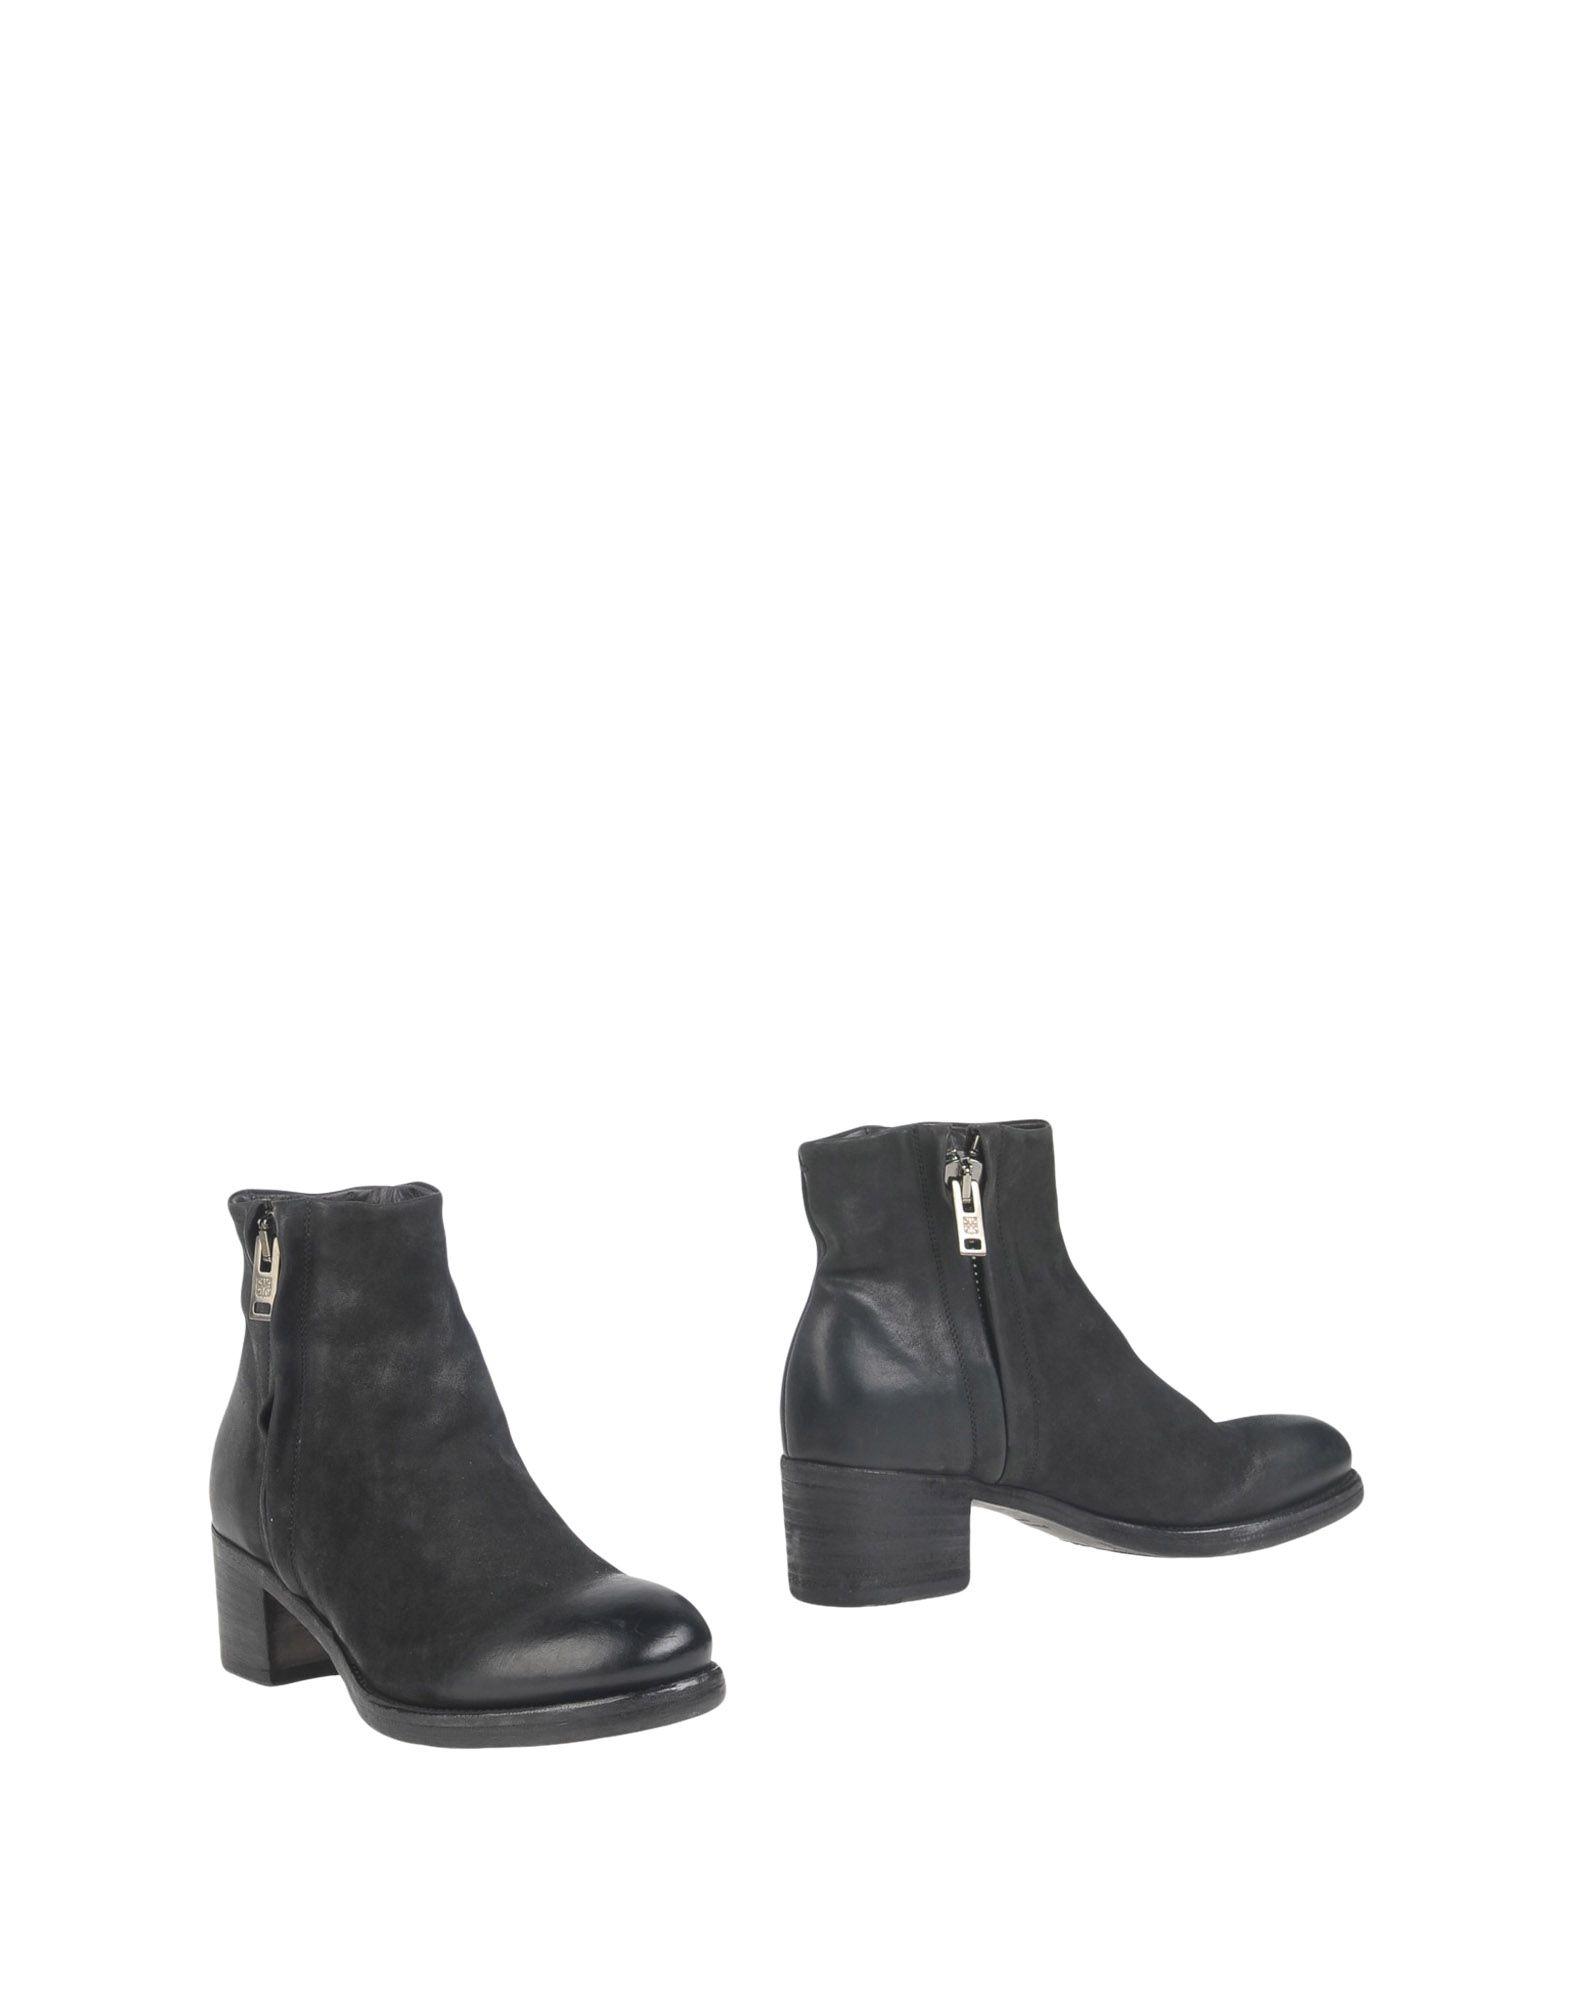 JAN PIERRE Полусапоги и высокие ботинки цены онлайн